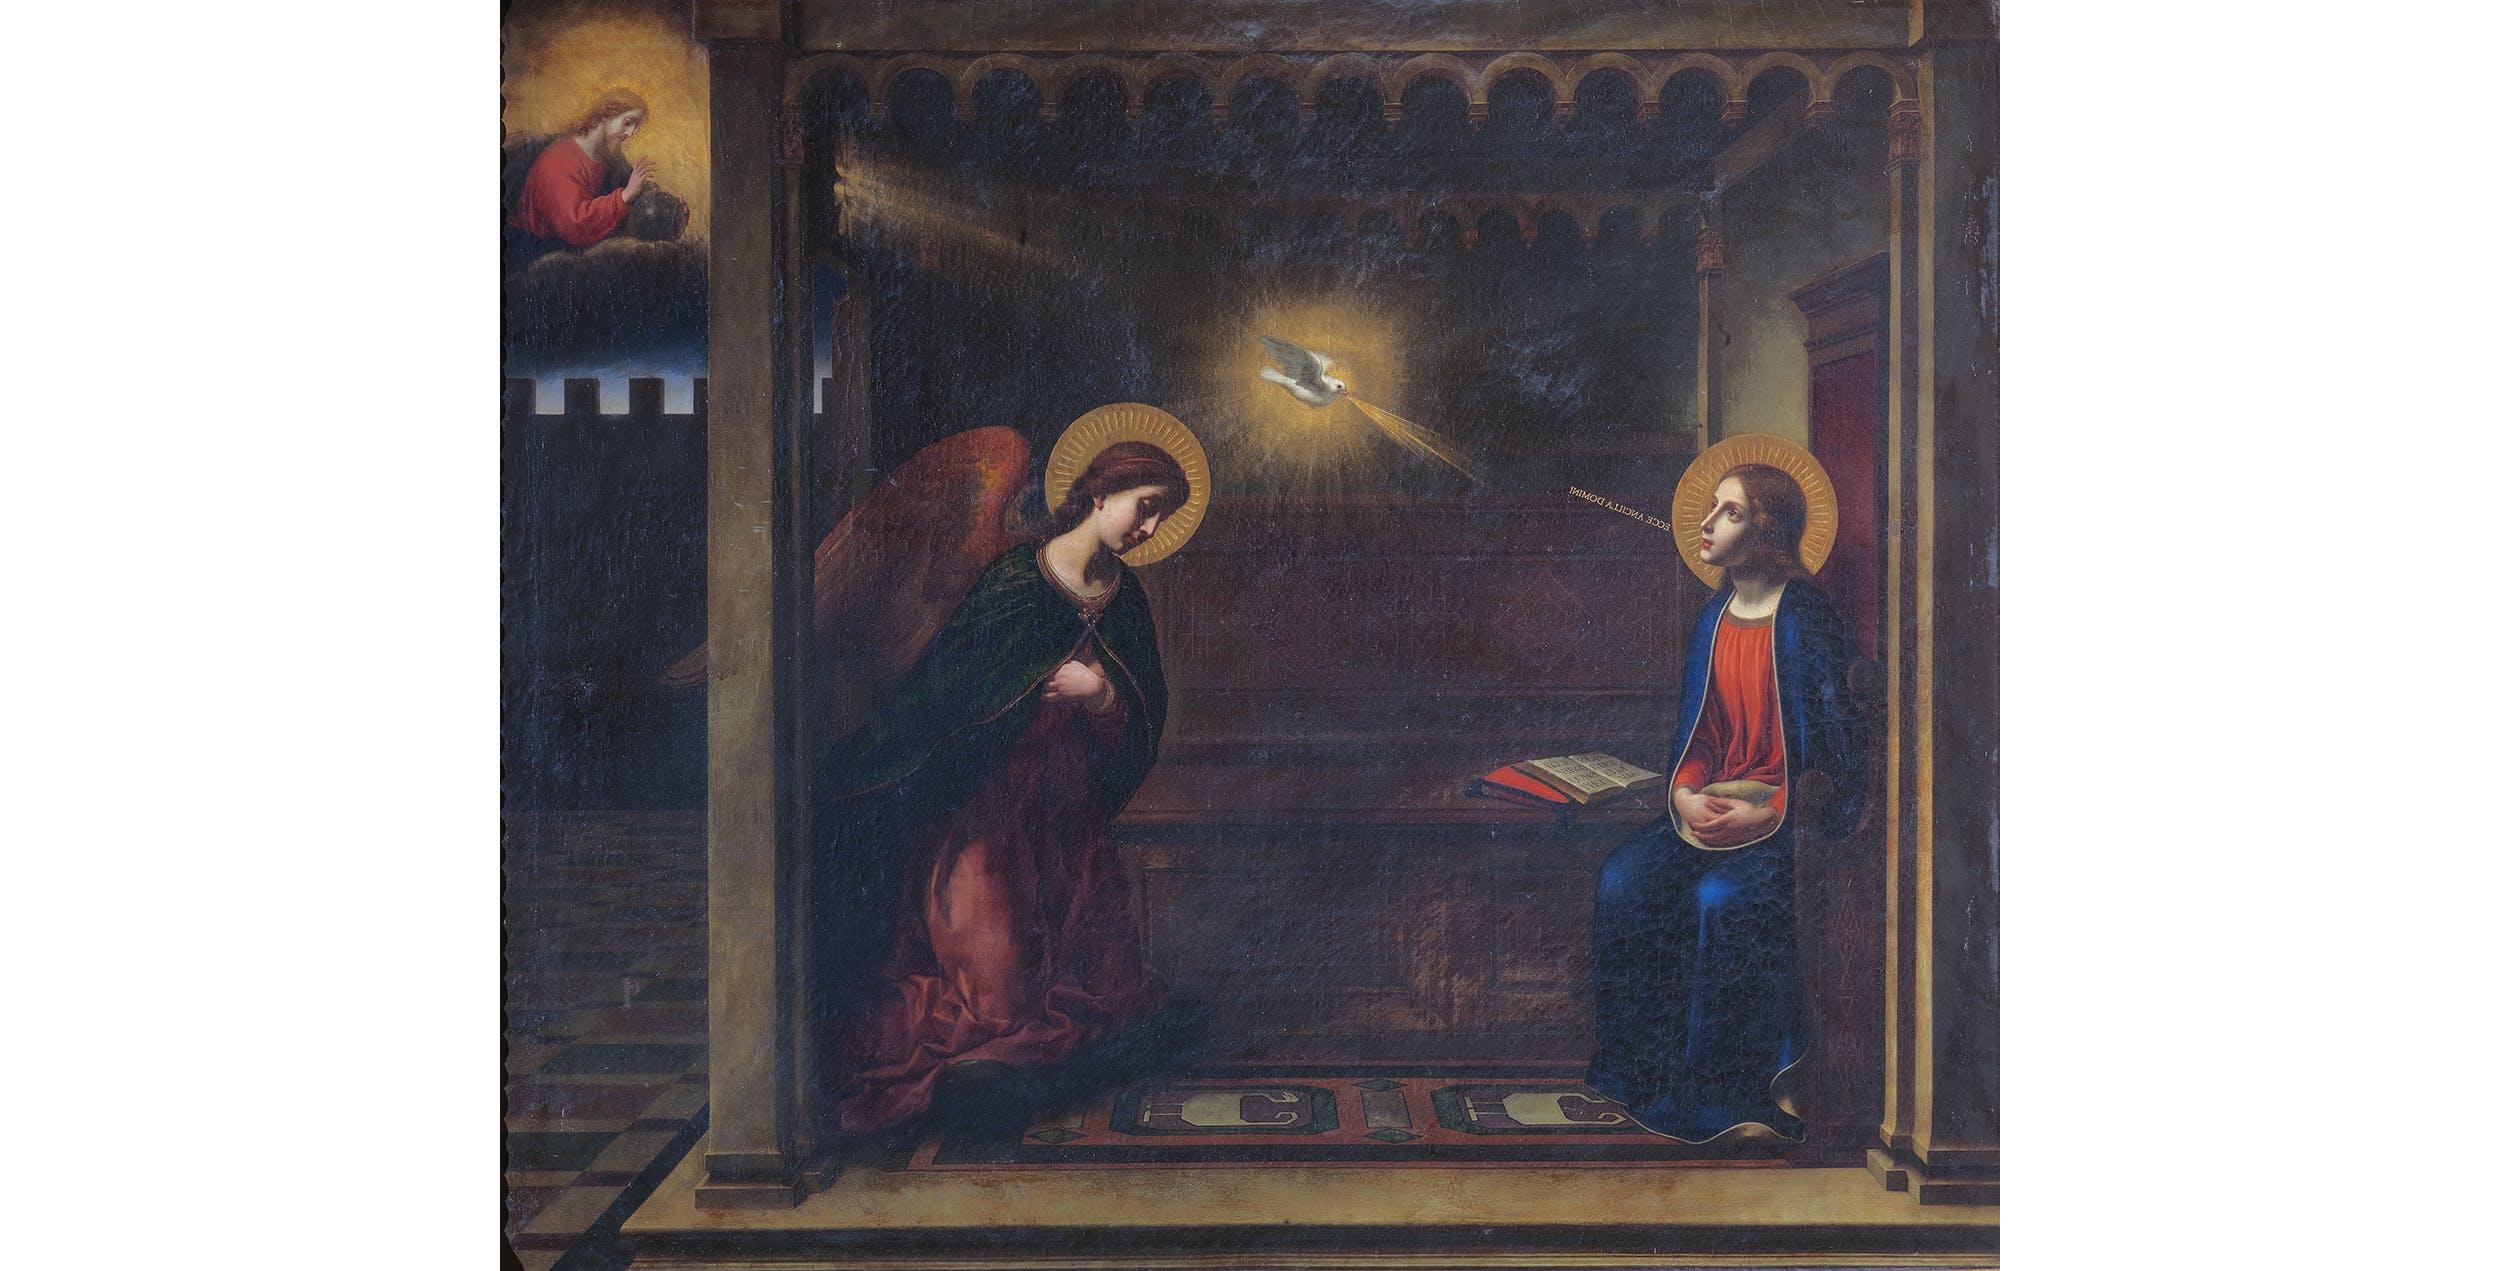 Carlo Dolci, Annunciazione (copia del dipinto trecentesco conservato nella chiesa della Santissima Annunziata), Palazzo Pitti, Appartamenti Reali e Imperiali